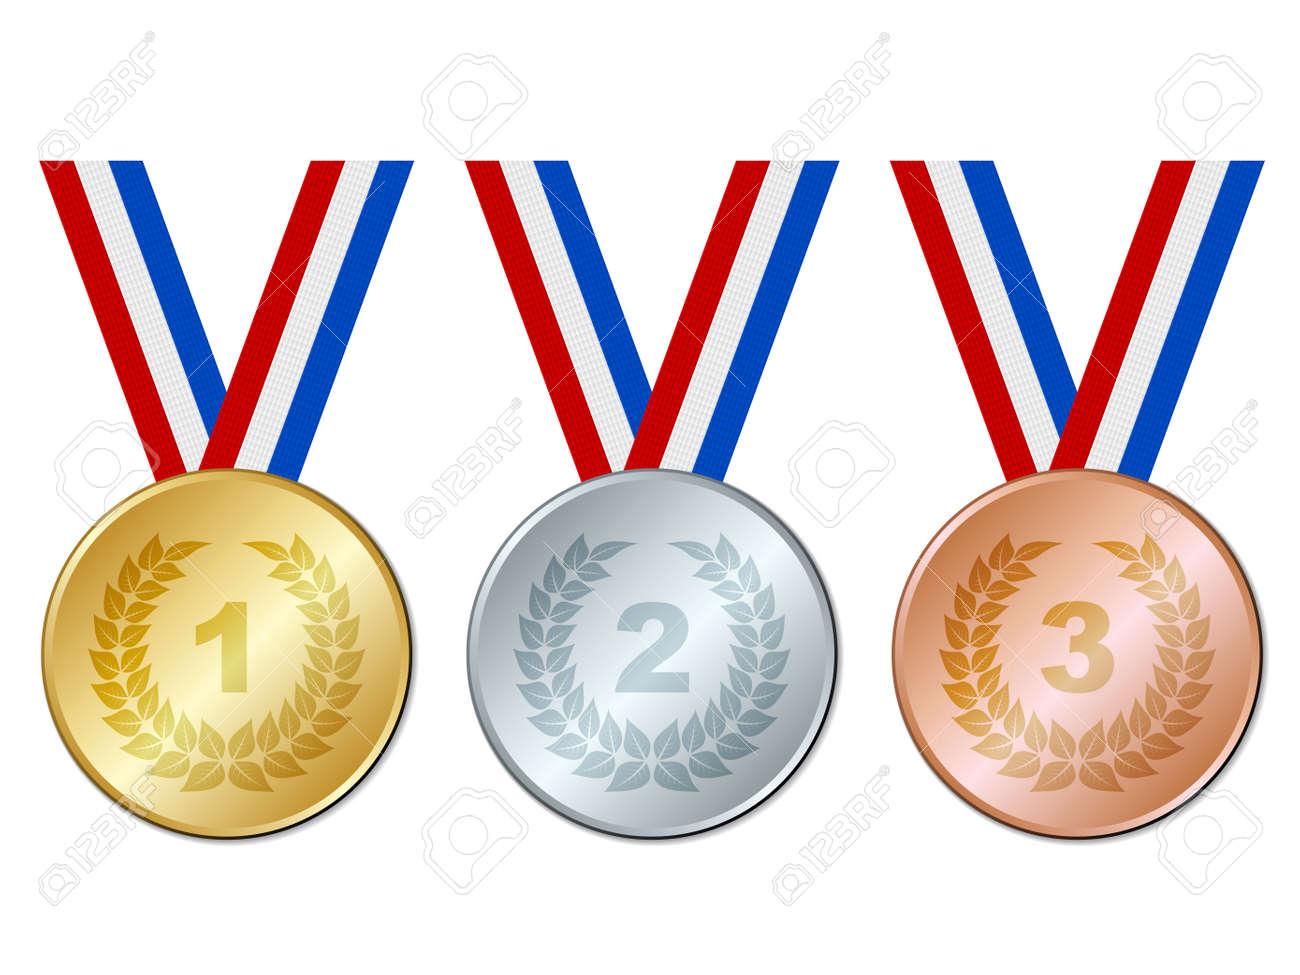 vector medals Stock Vector - 11525607